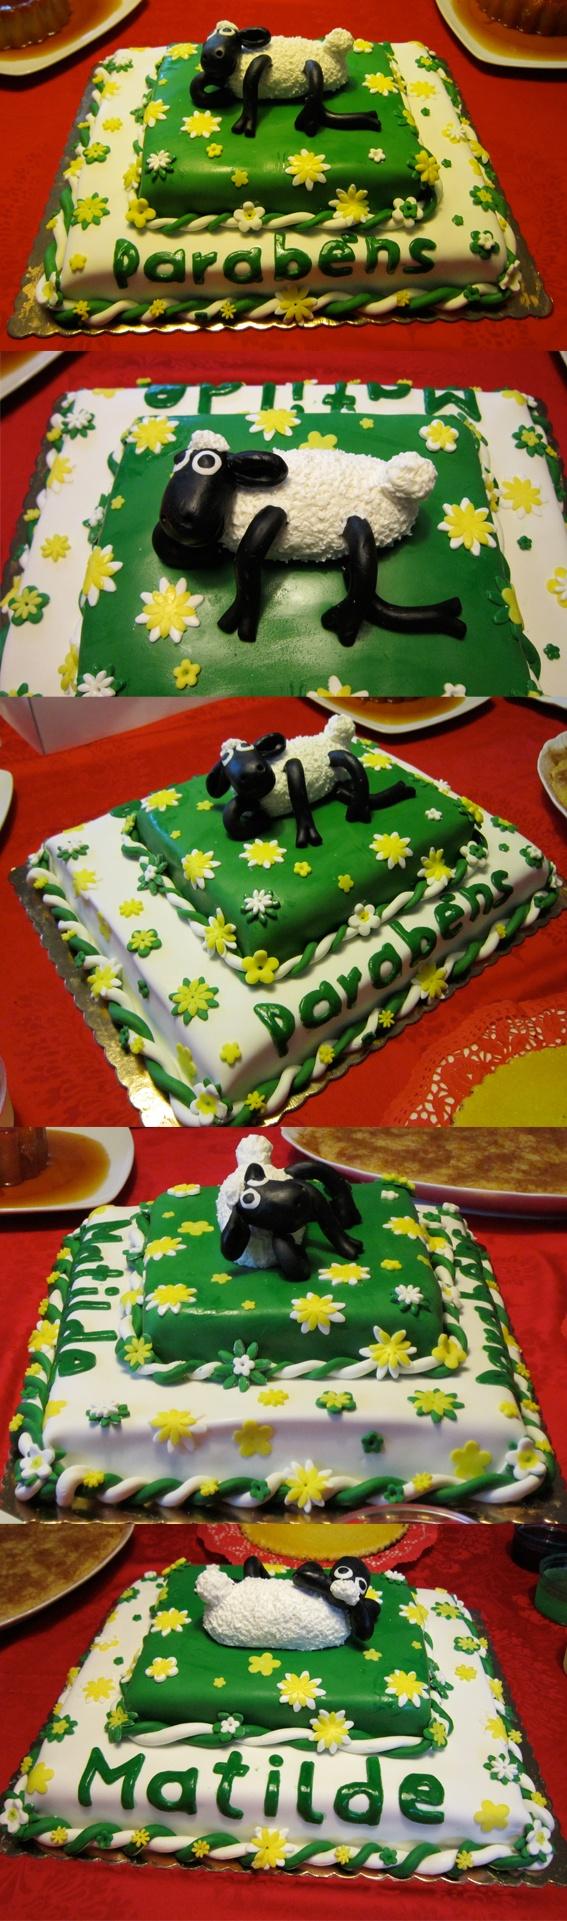 Shaun the Sheep Cake (Matilde's birthday cake)